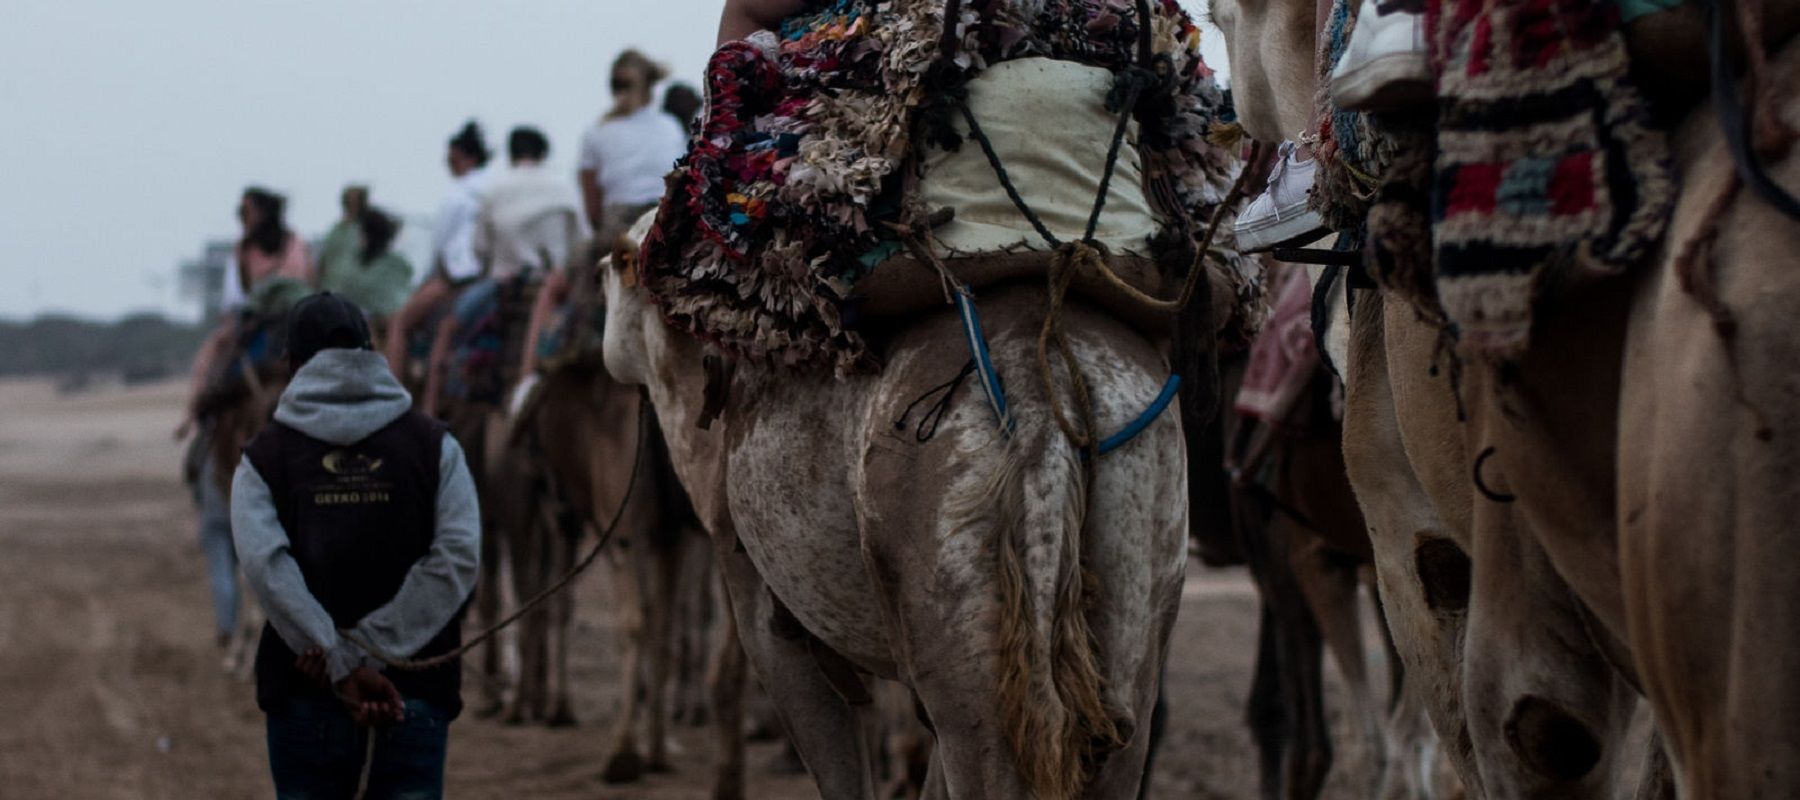 kamelenrit marokko